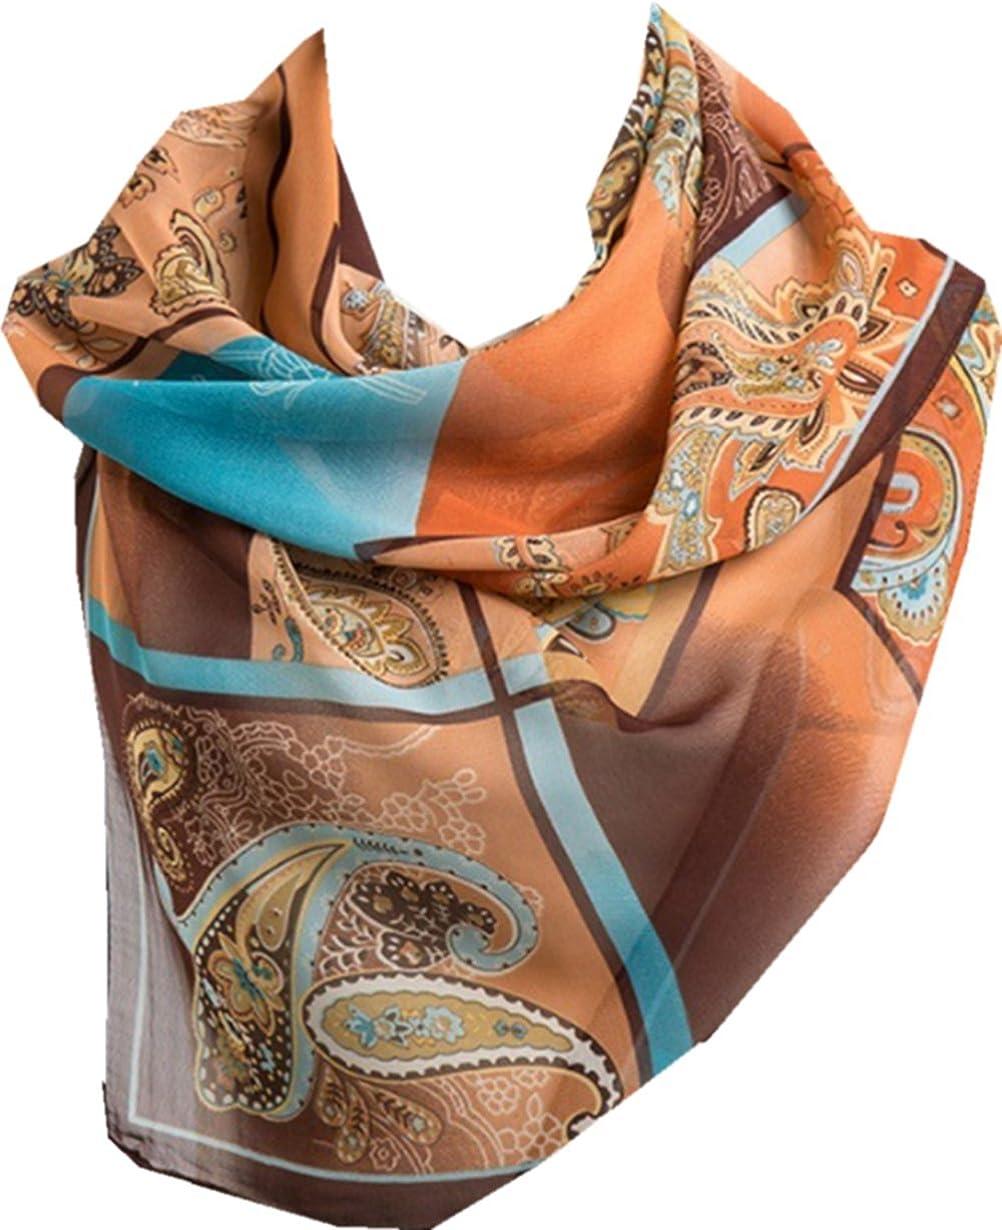 YUNEE Lady Cashew Scarf Fashion Plaid Wrap Shawl